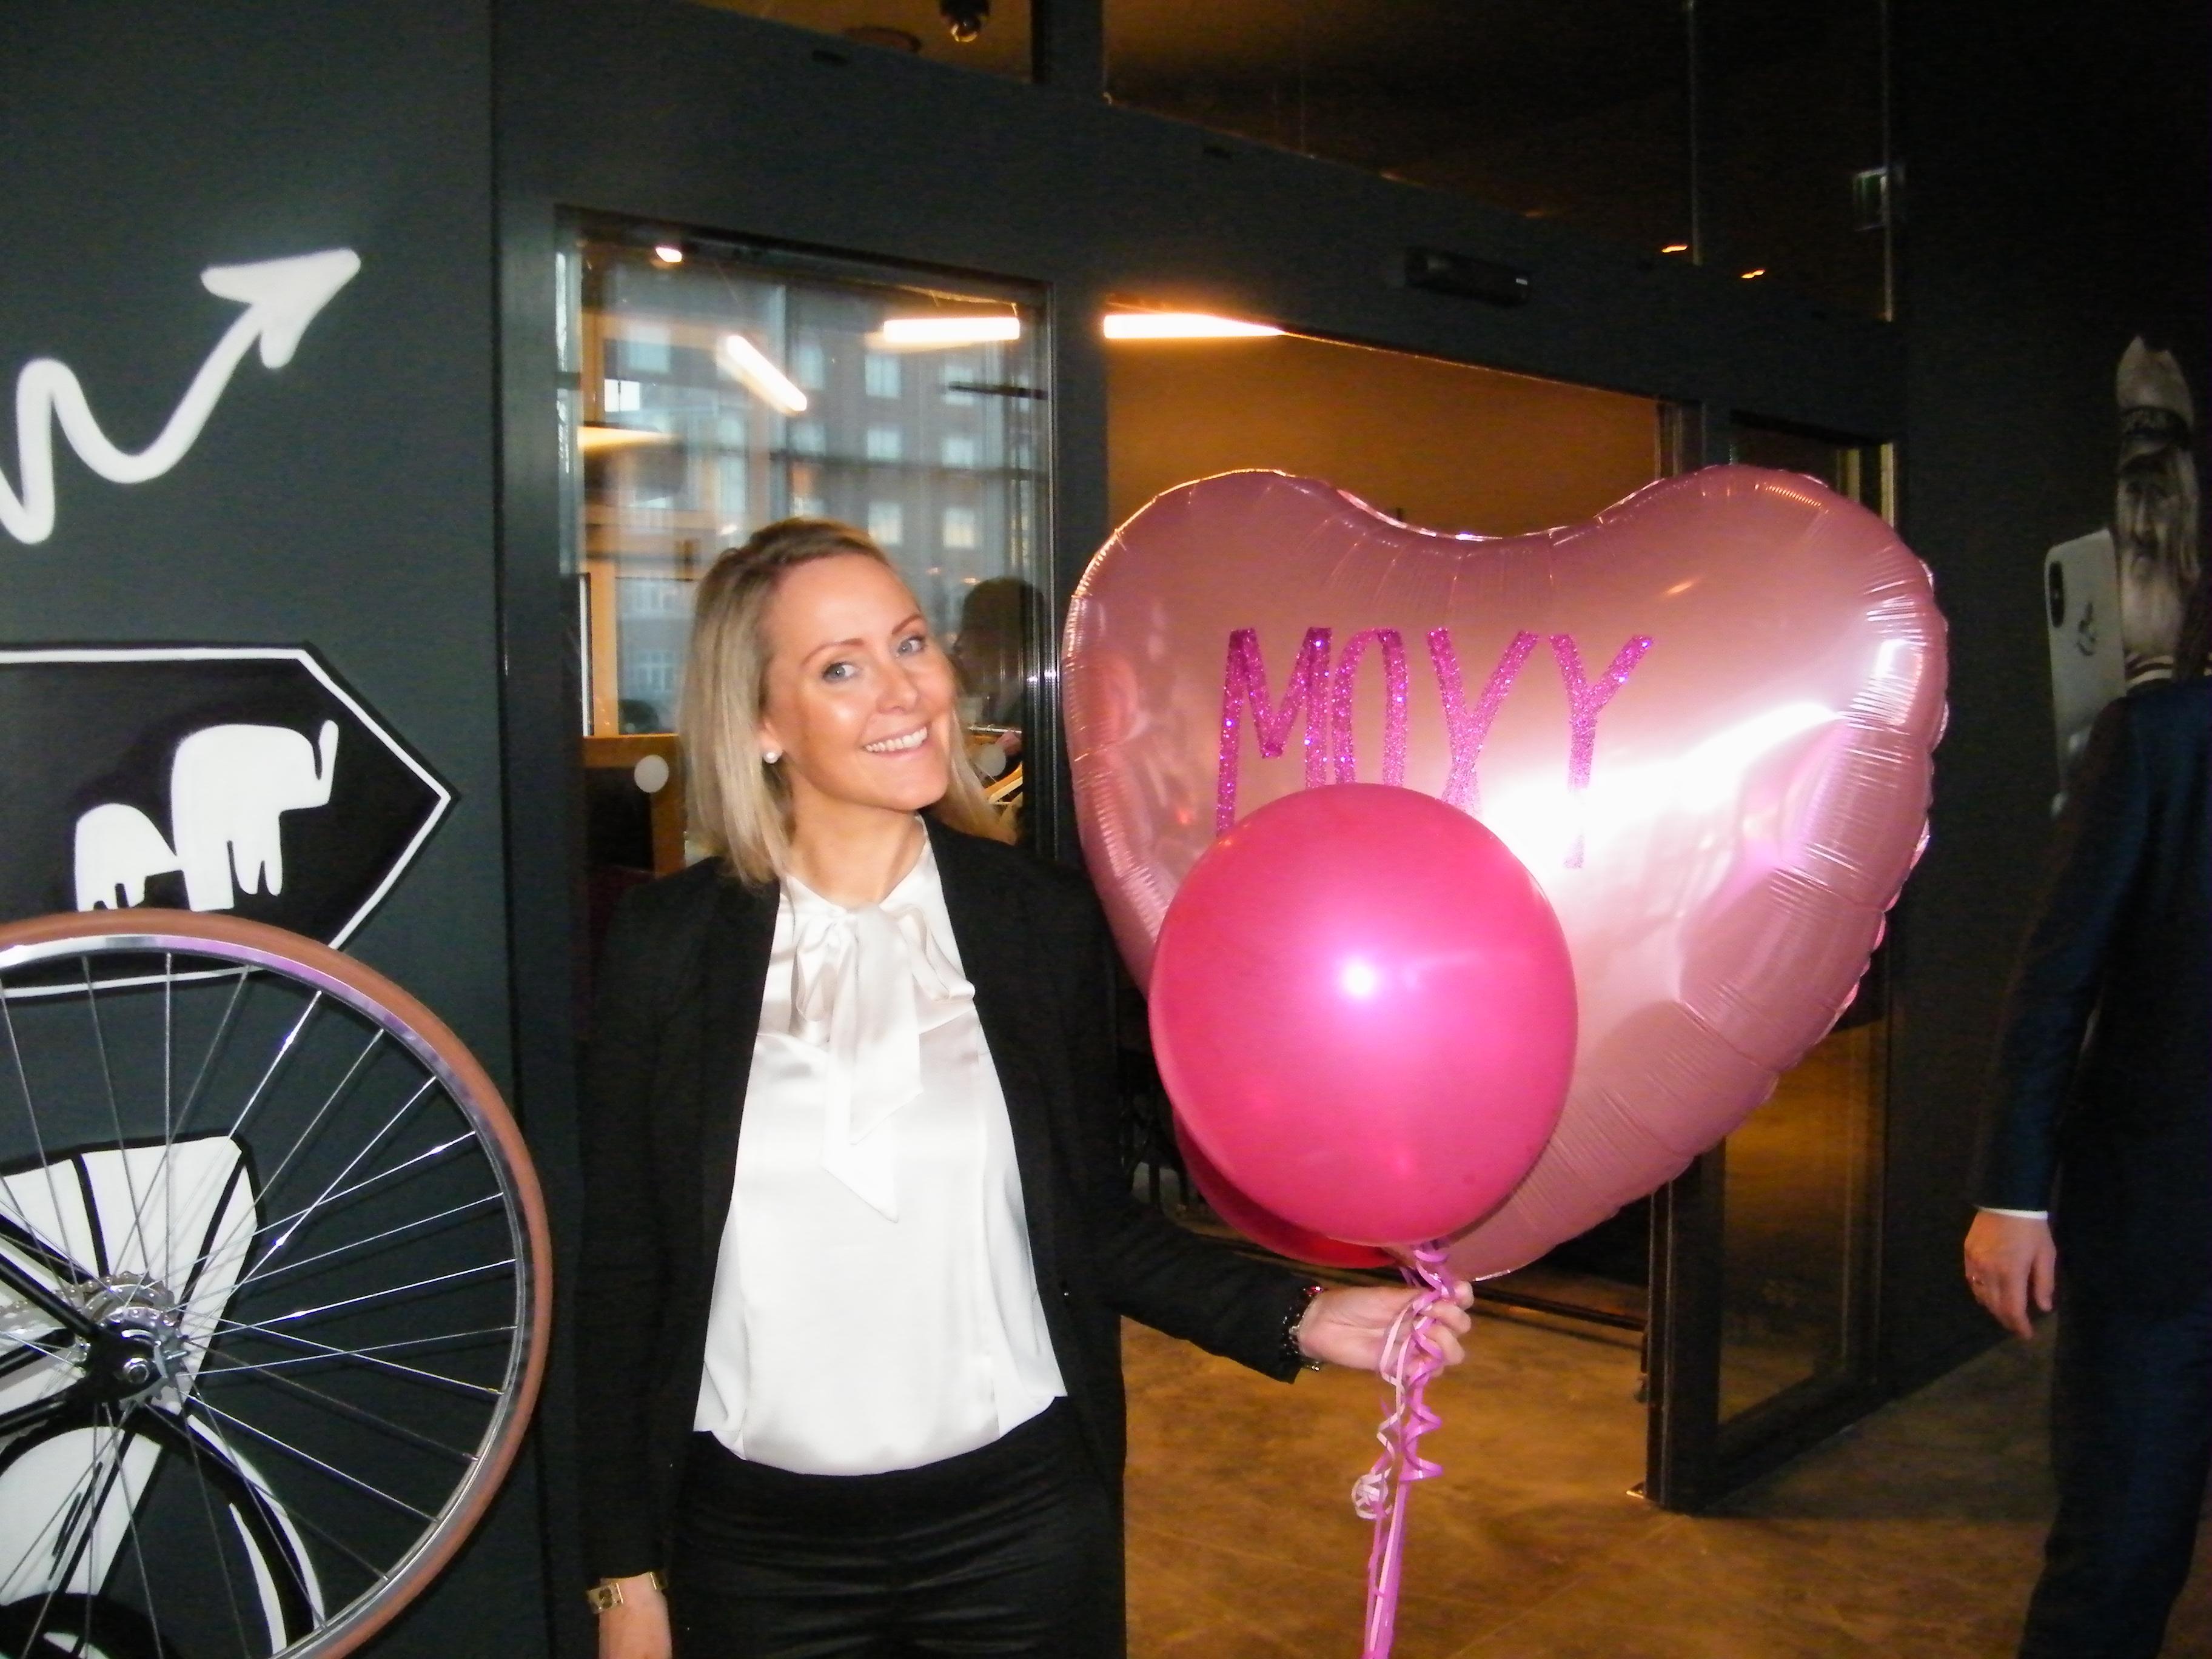 Svenske Camilla Jerre står i spidsen for nyåbnede Moxy Copenhagen. Hun har titel af at være hotellets Kaptajn, Moxy-konceptets twist på en hoteldirektør. Foto: Henrik Baumgarten.